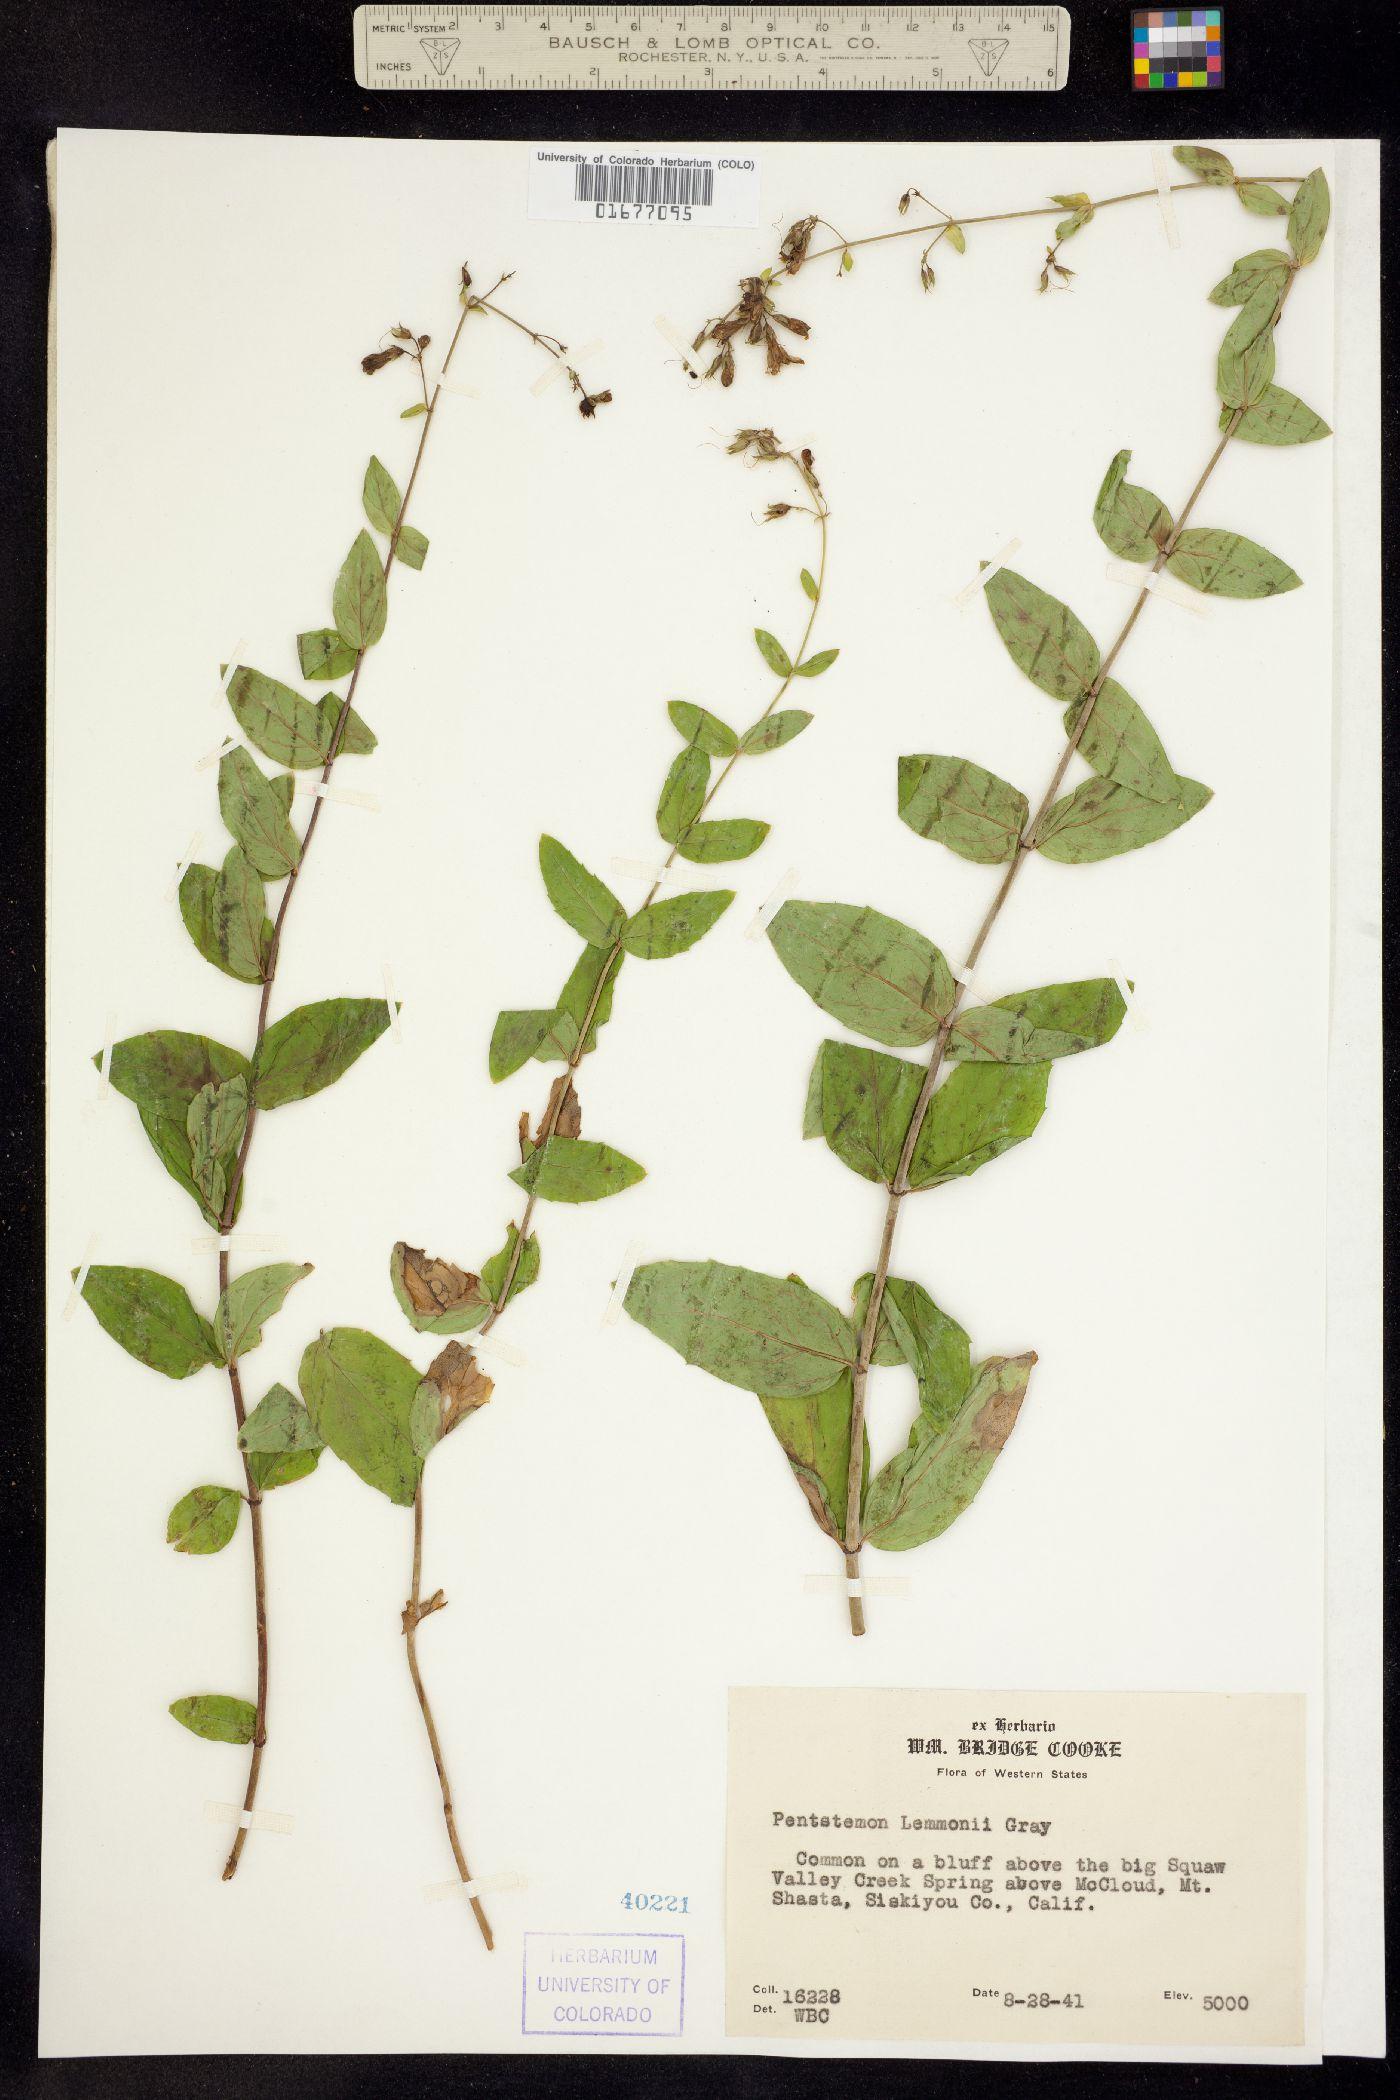 Penstemon lemmonii image